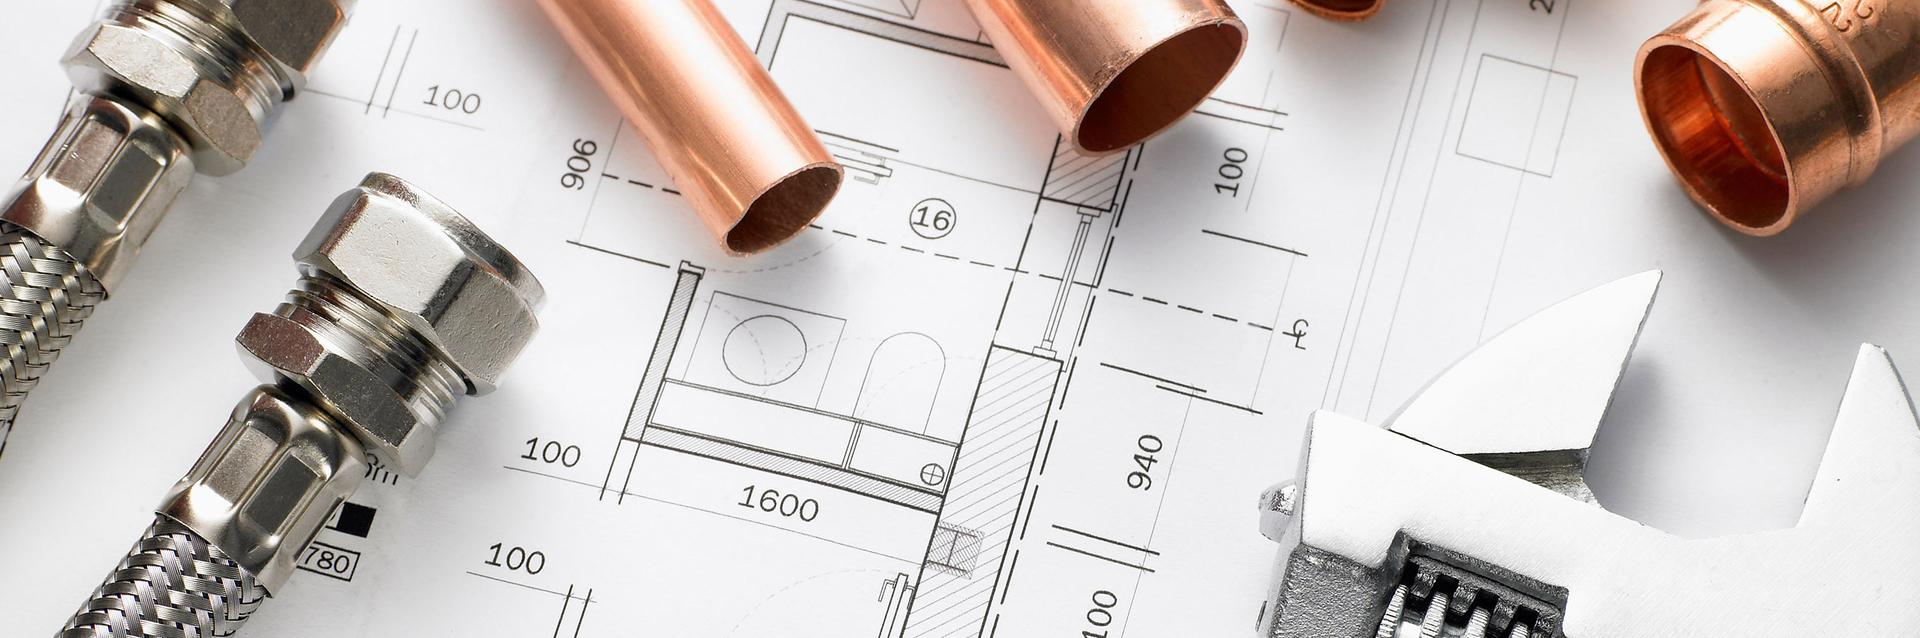 Installatiebedrijf - Installatiebedrijf